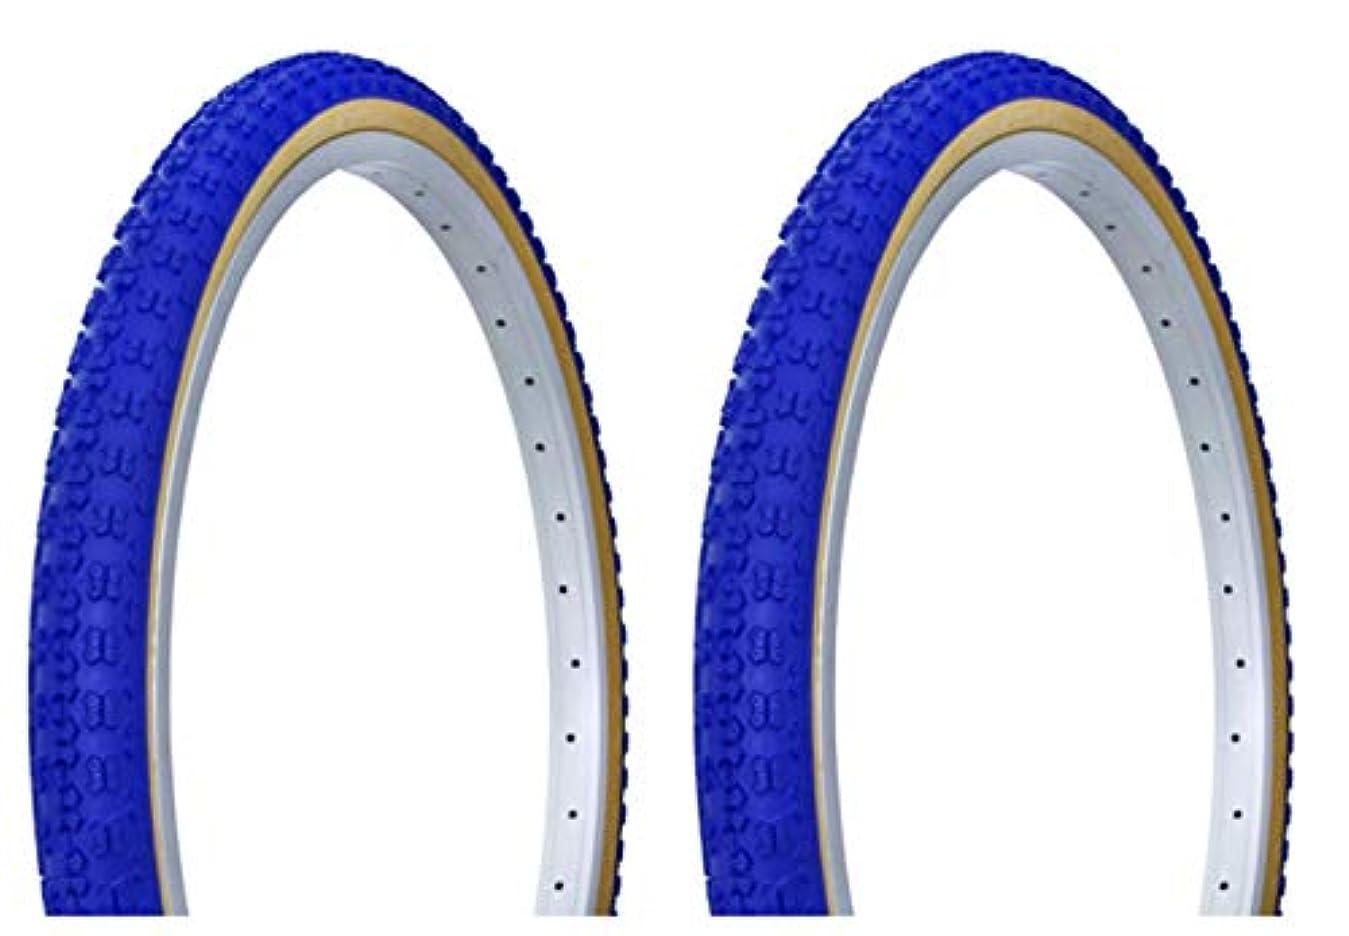 居心地の良い急流にやにやLowrider タイヤセット 2タイヤ 2タイヤ デュロ 24インチ x 1.75インチ ブルー/ガム サイドウォール HF-143G